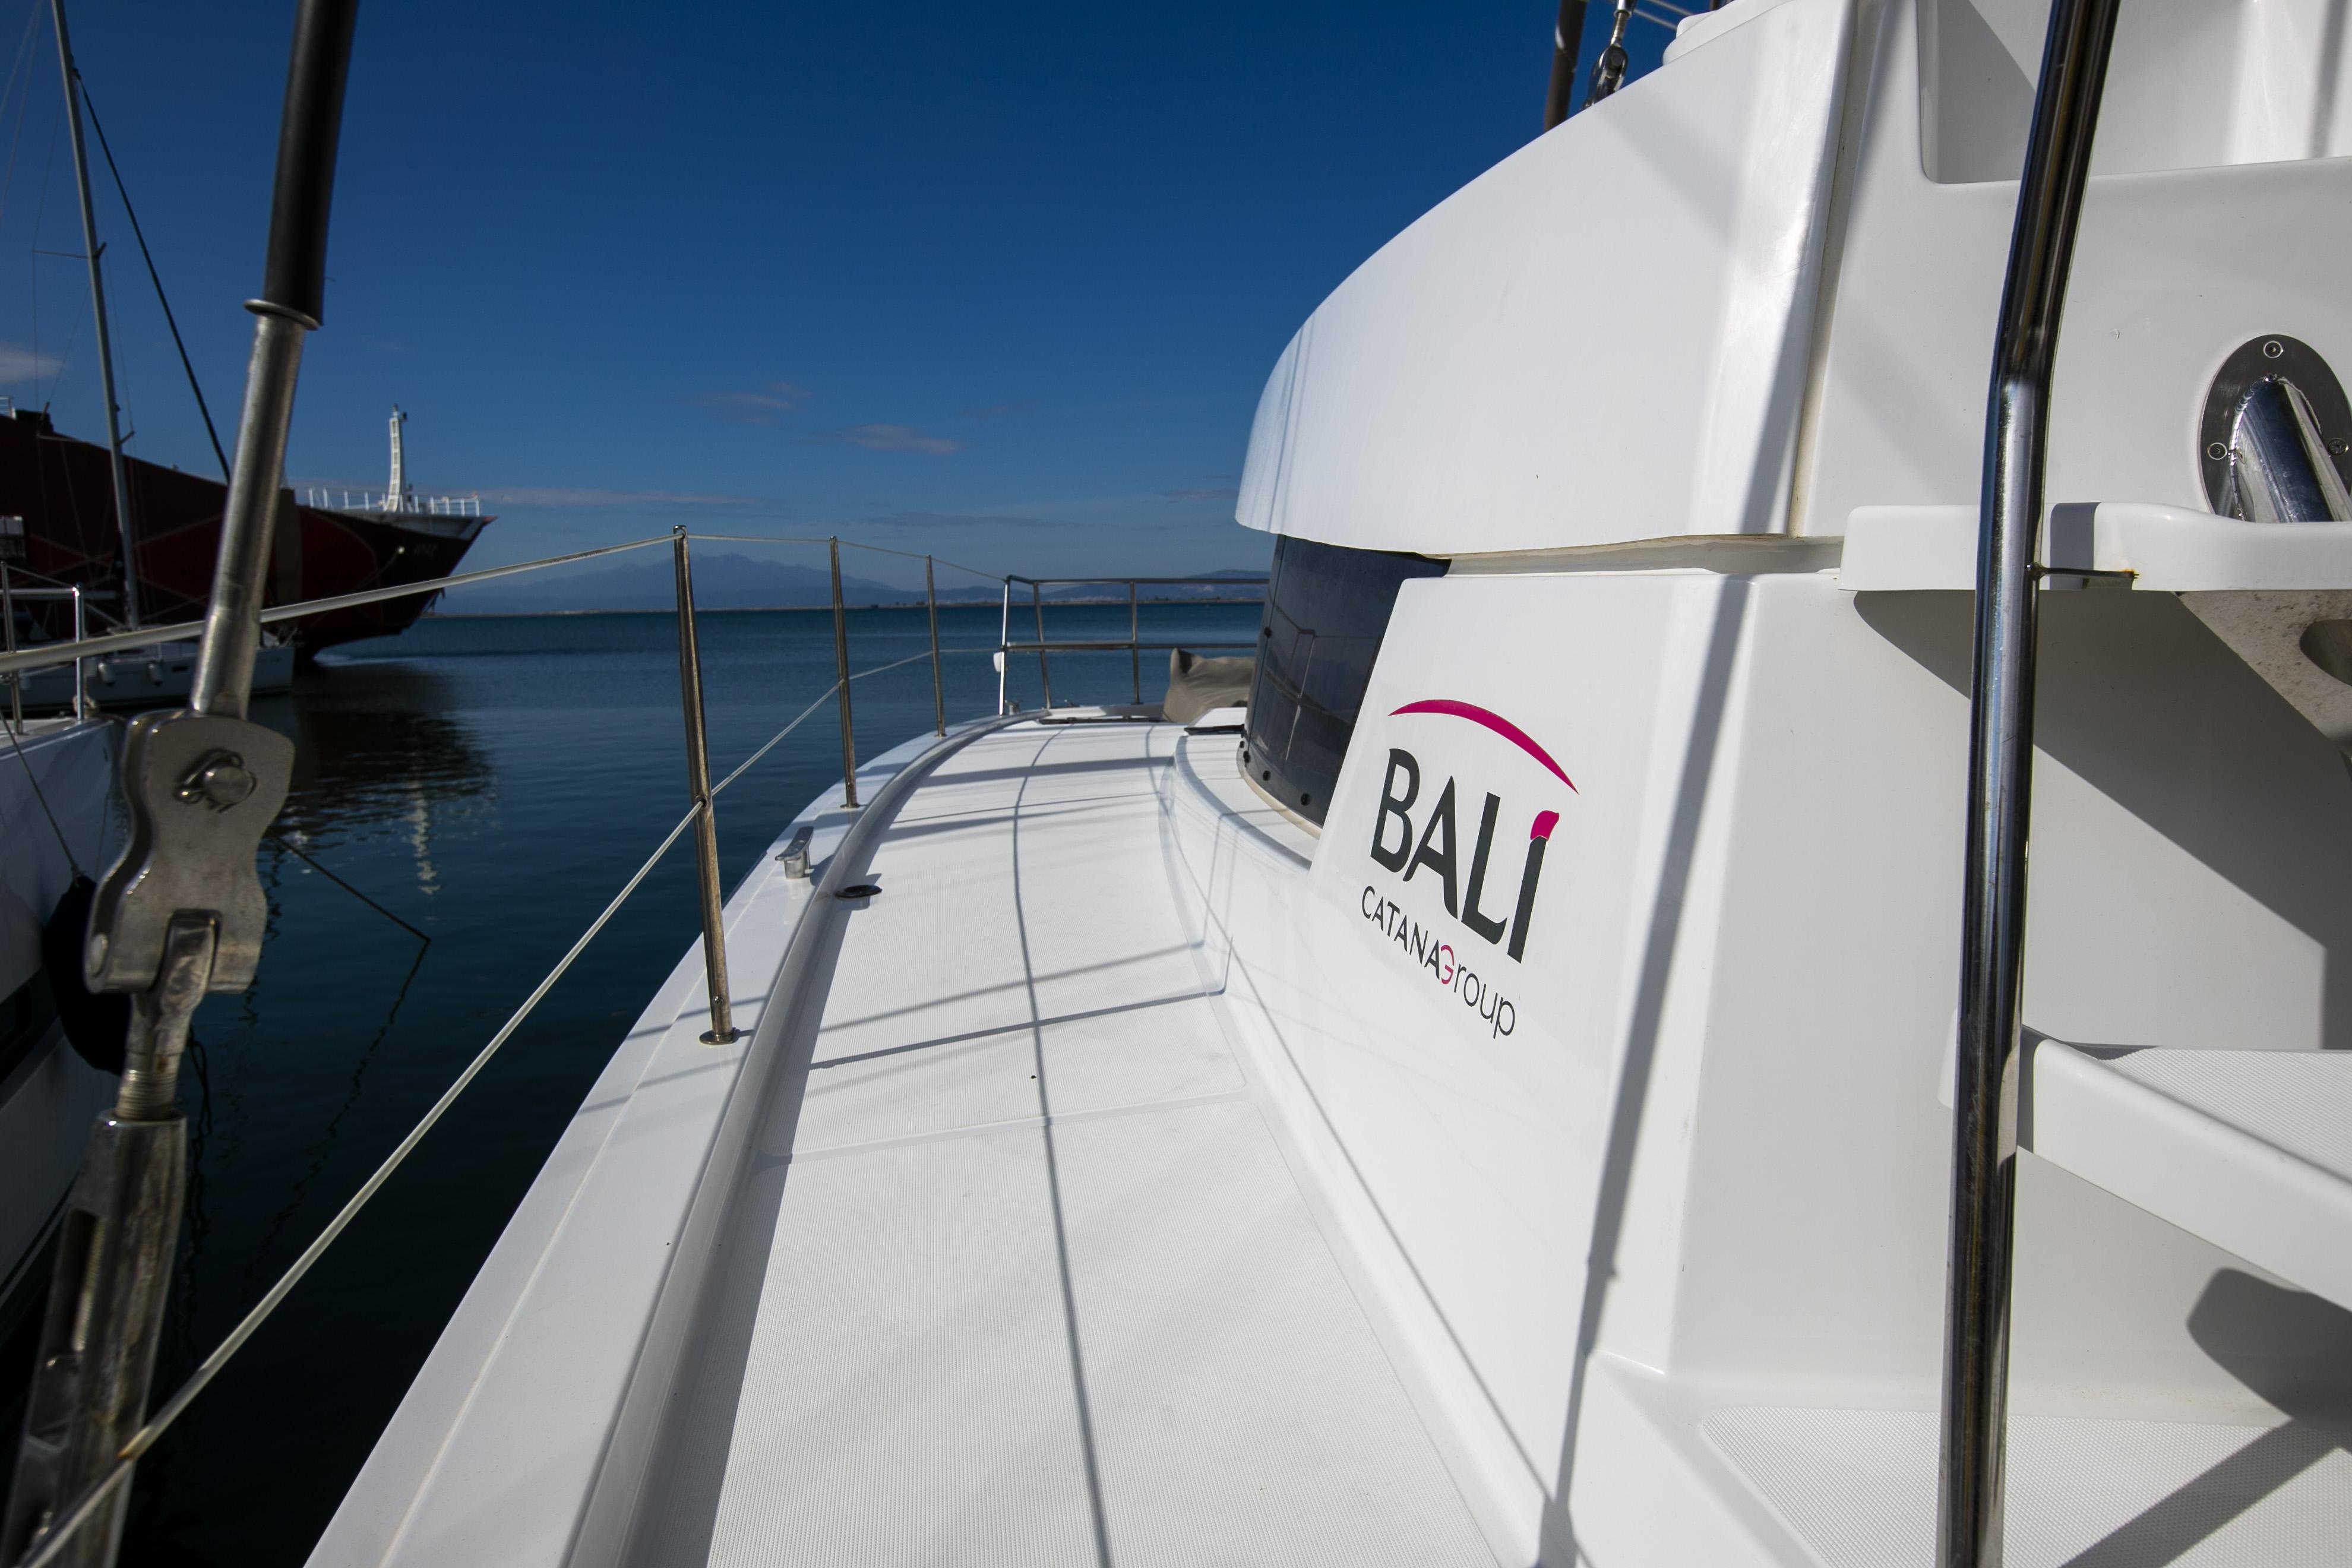 Bal4101